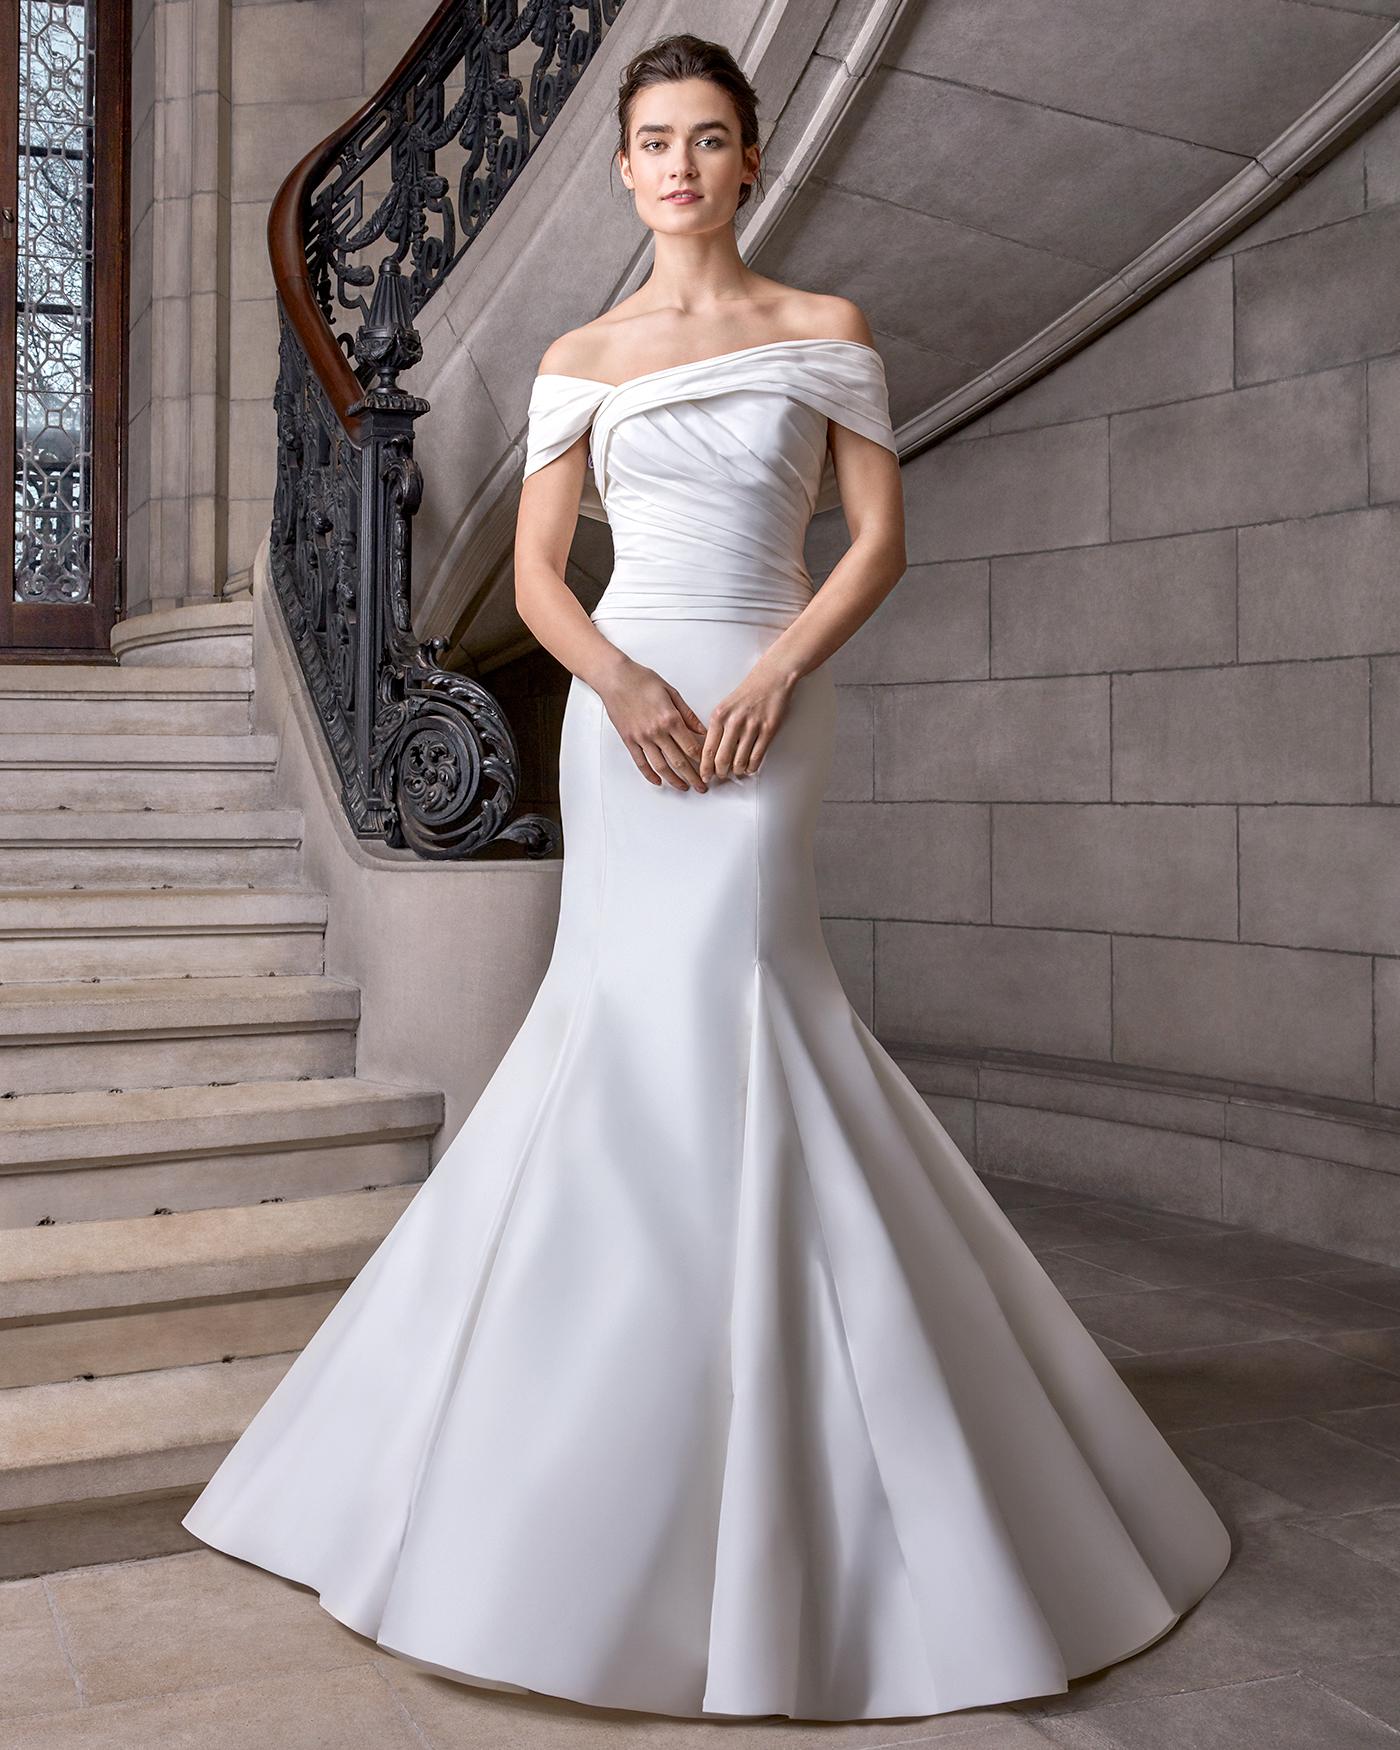 sareh nouri off the shoulder a-line wedding dress spring 2020